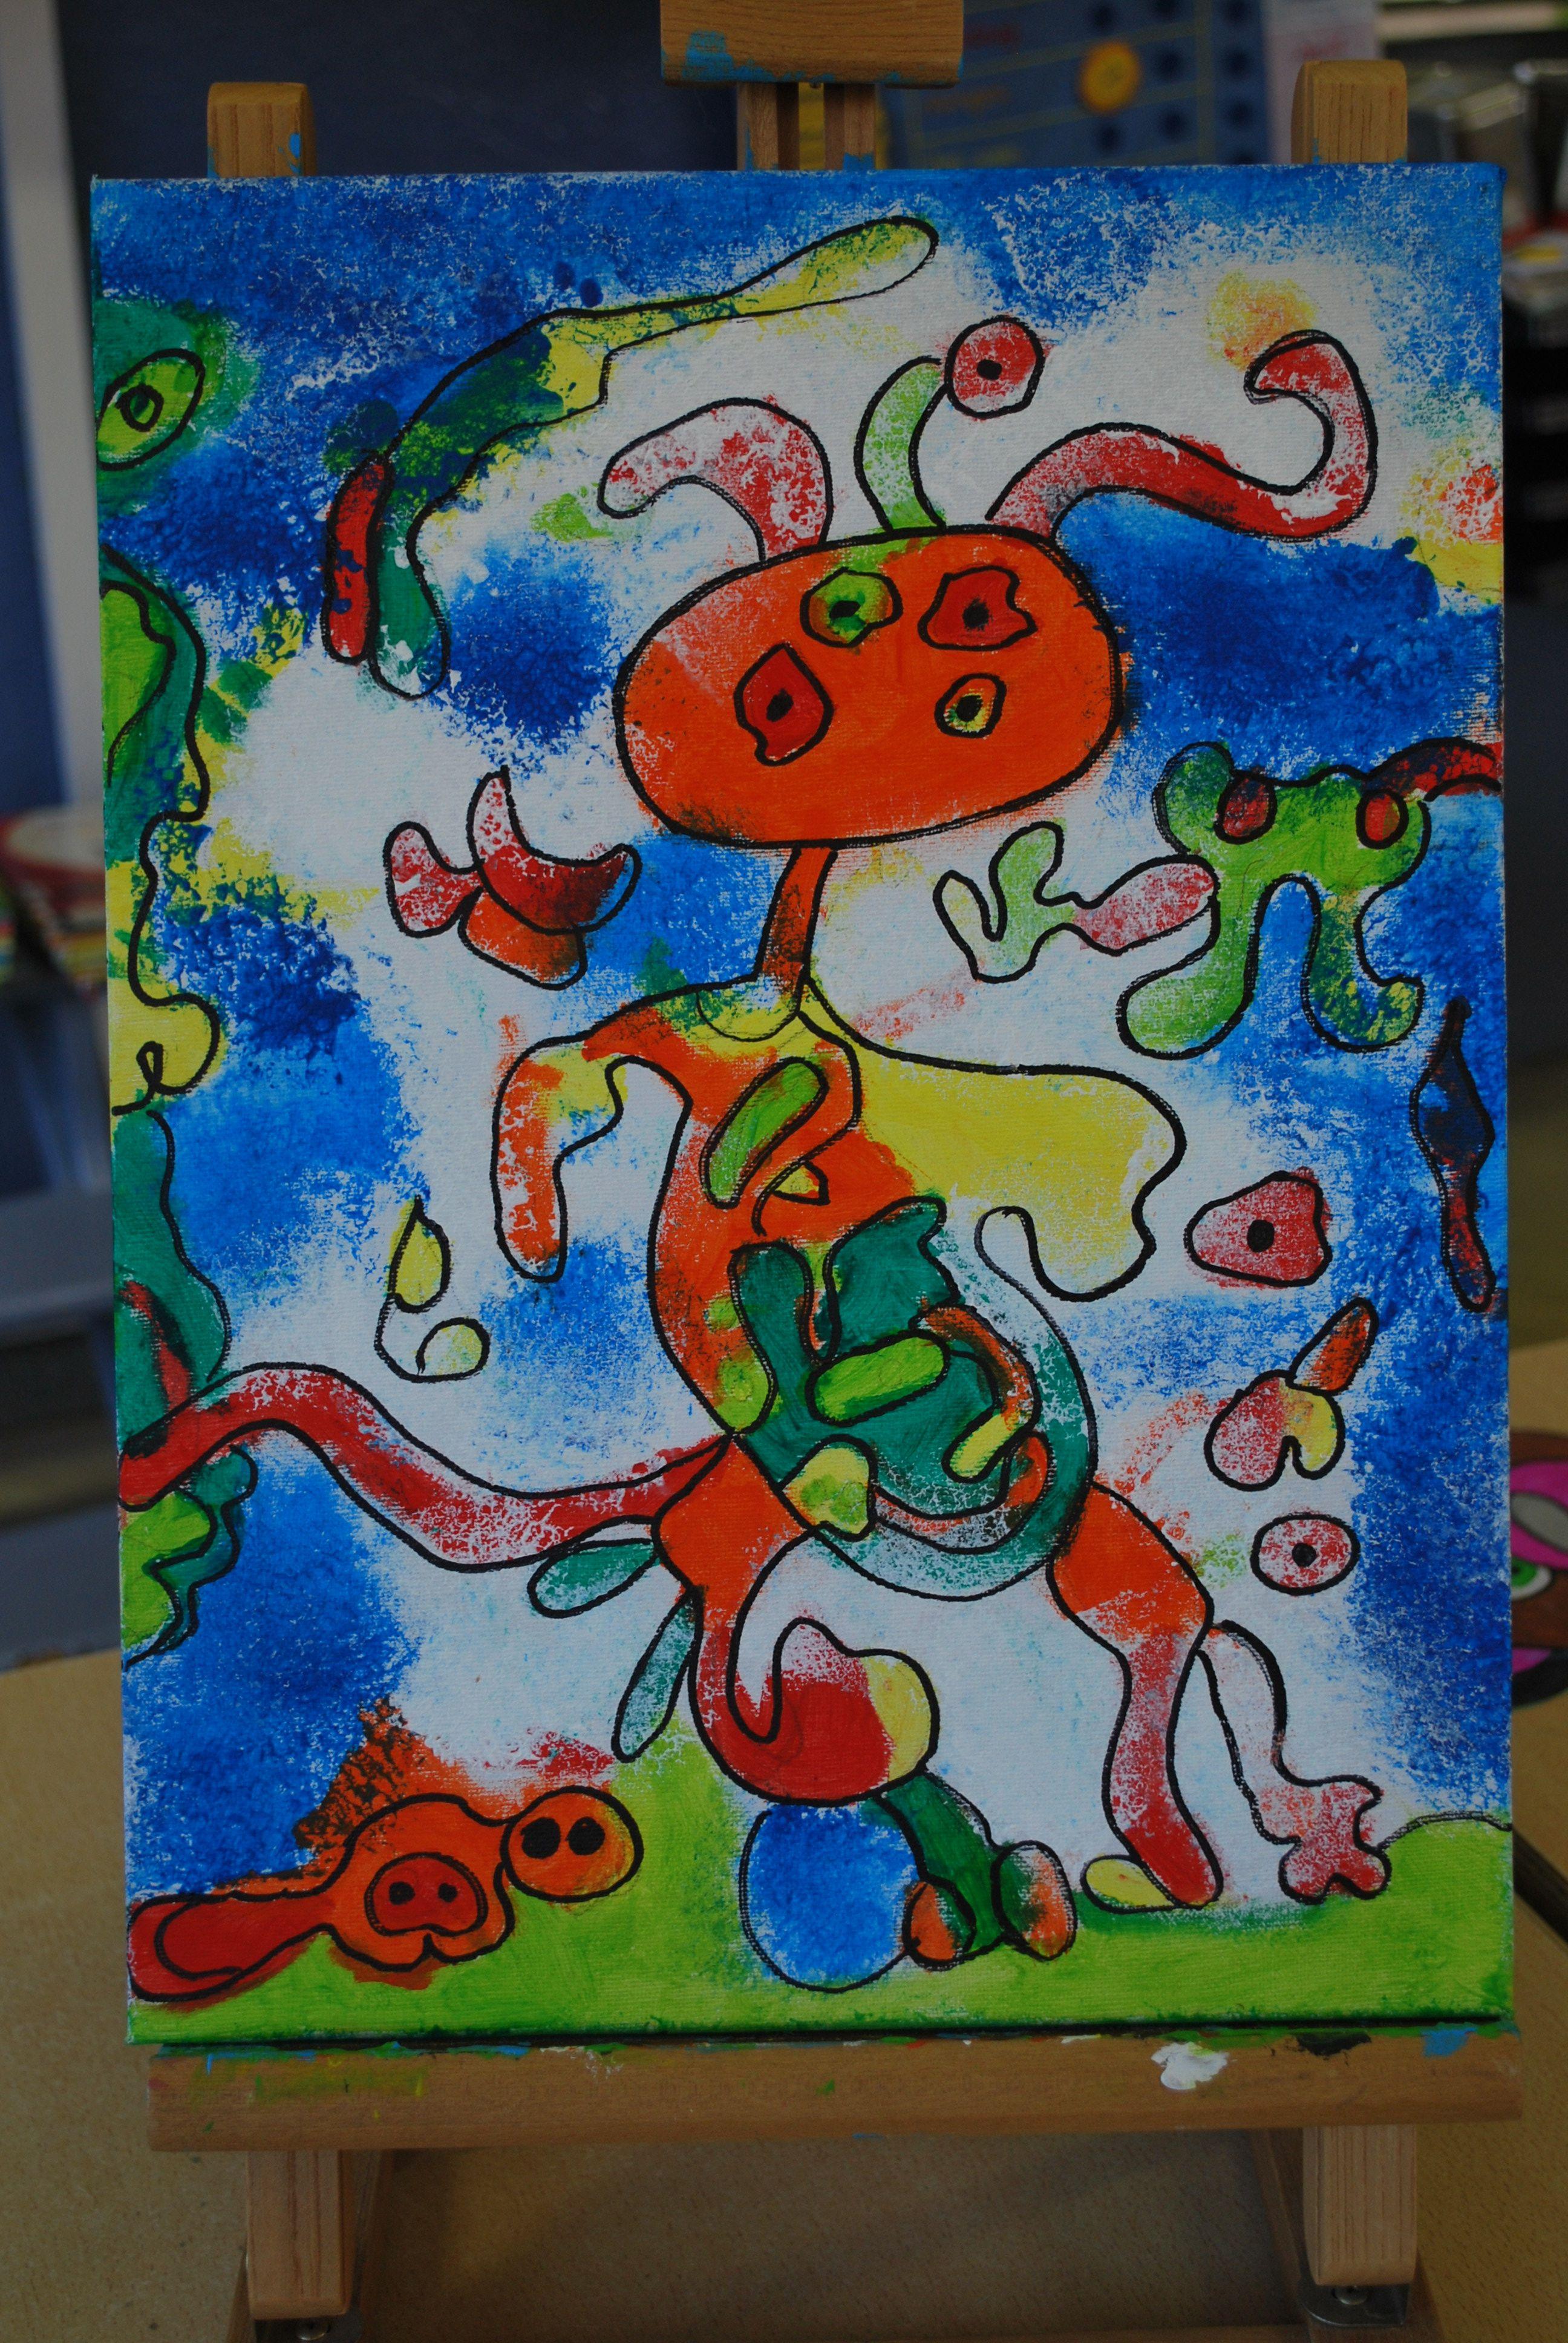 Geliefde groepswerk op doek in de klas inspiratie Miro, elke kleuter tekent #LW99